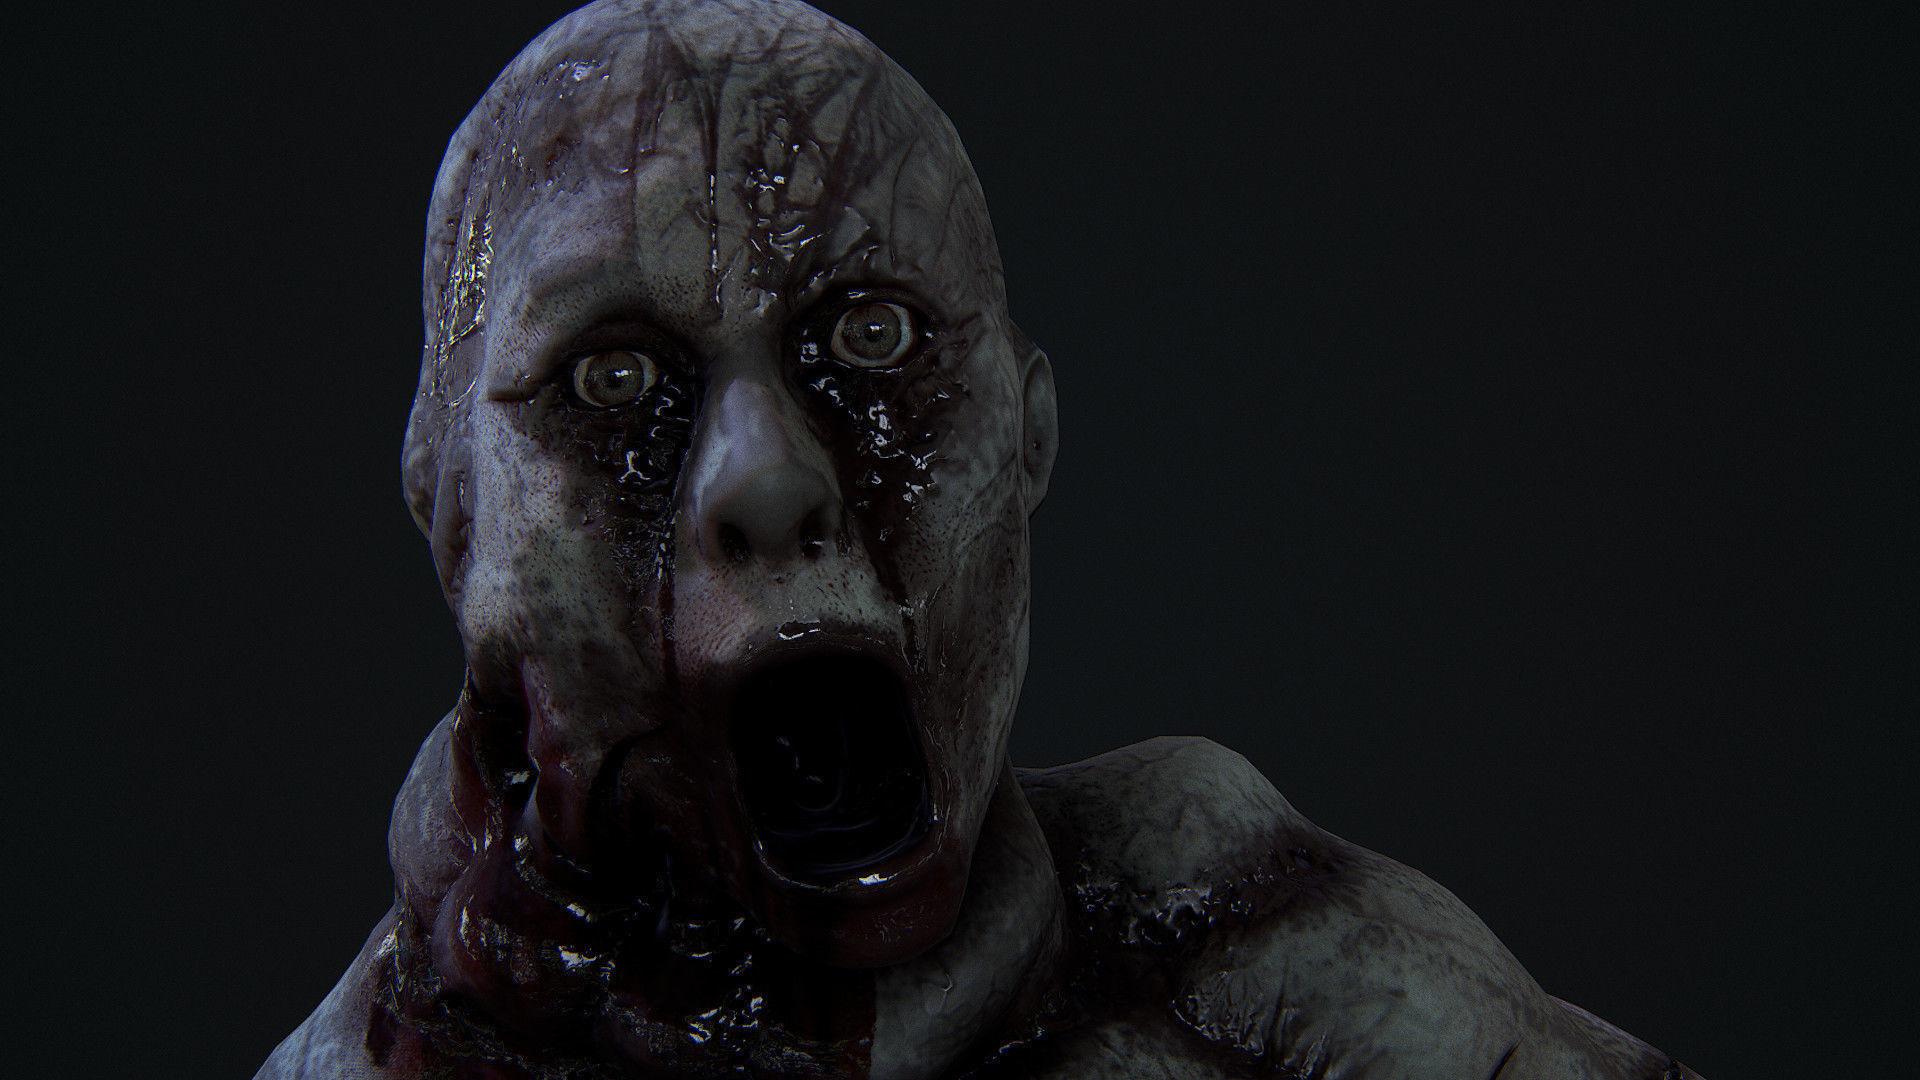 Very creepy Deformed woman